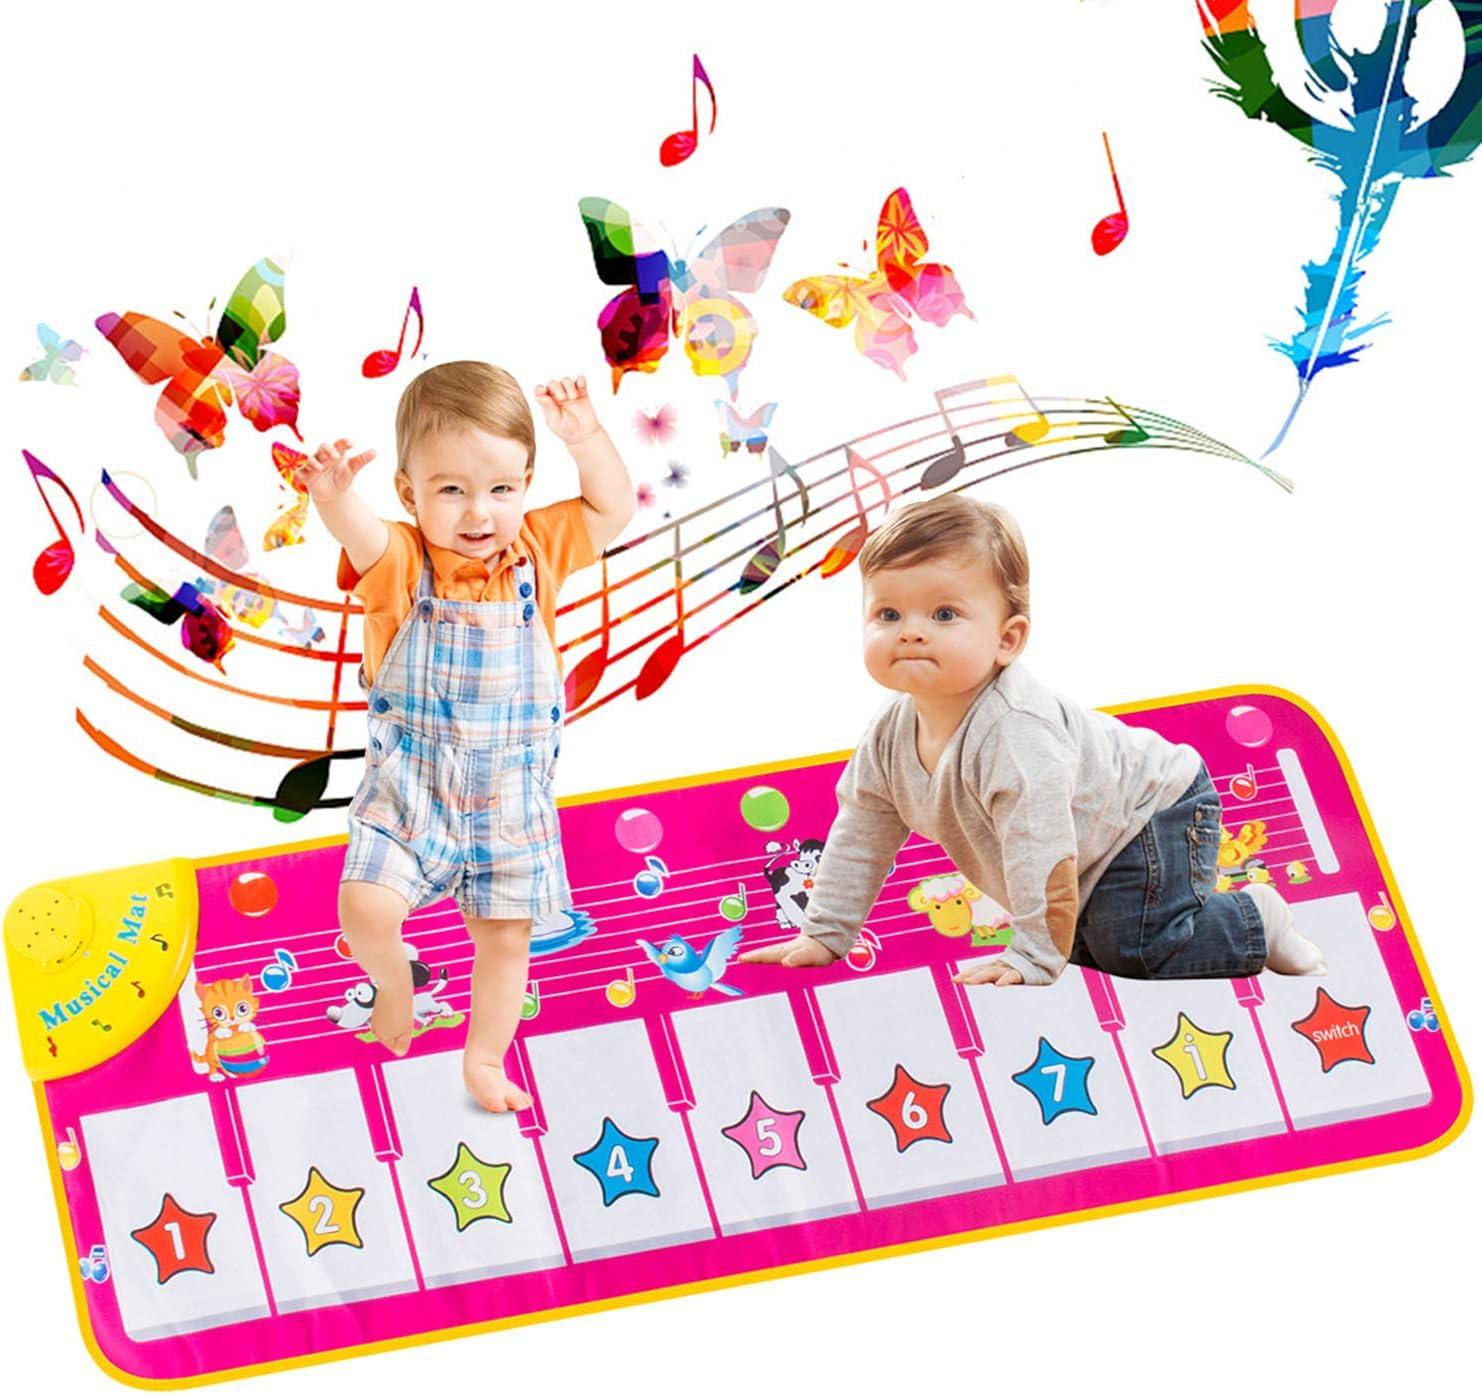 AOYMJRS Alfombrilla musical, Alfombra para Piano, Alfombrilla Infantil para Niños Juguetes con 9 Teclado,Tamaño (39 * 14 Pulgadas) Divertido Tapete de Baile para Niños Pequeños y Regalos para Niñas